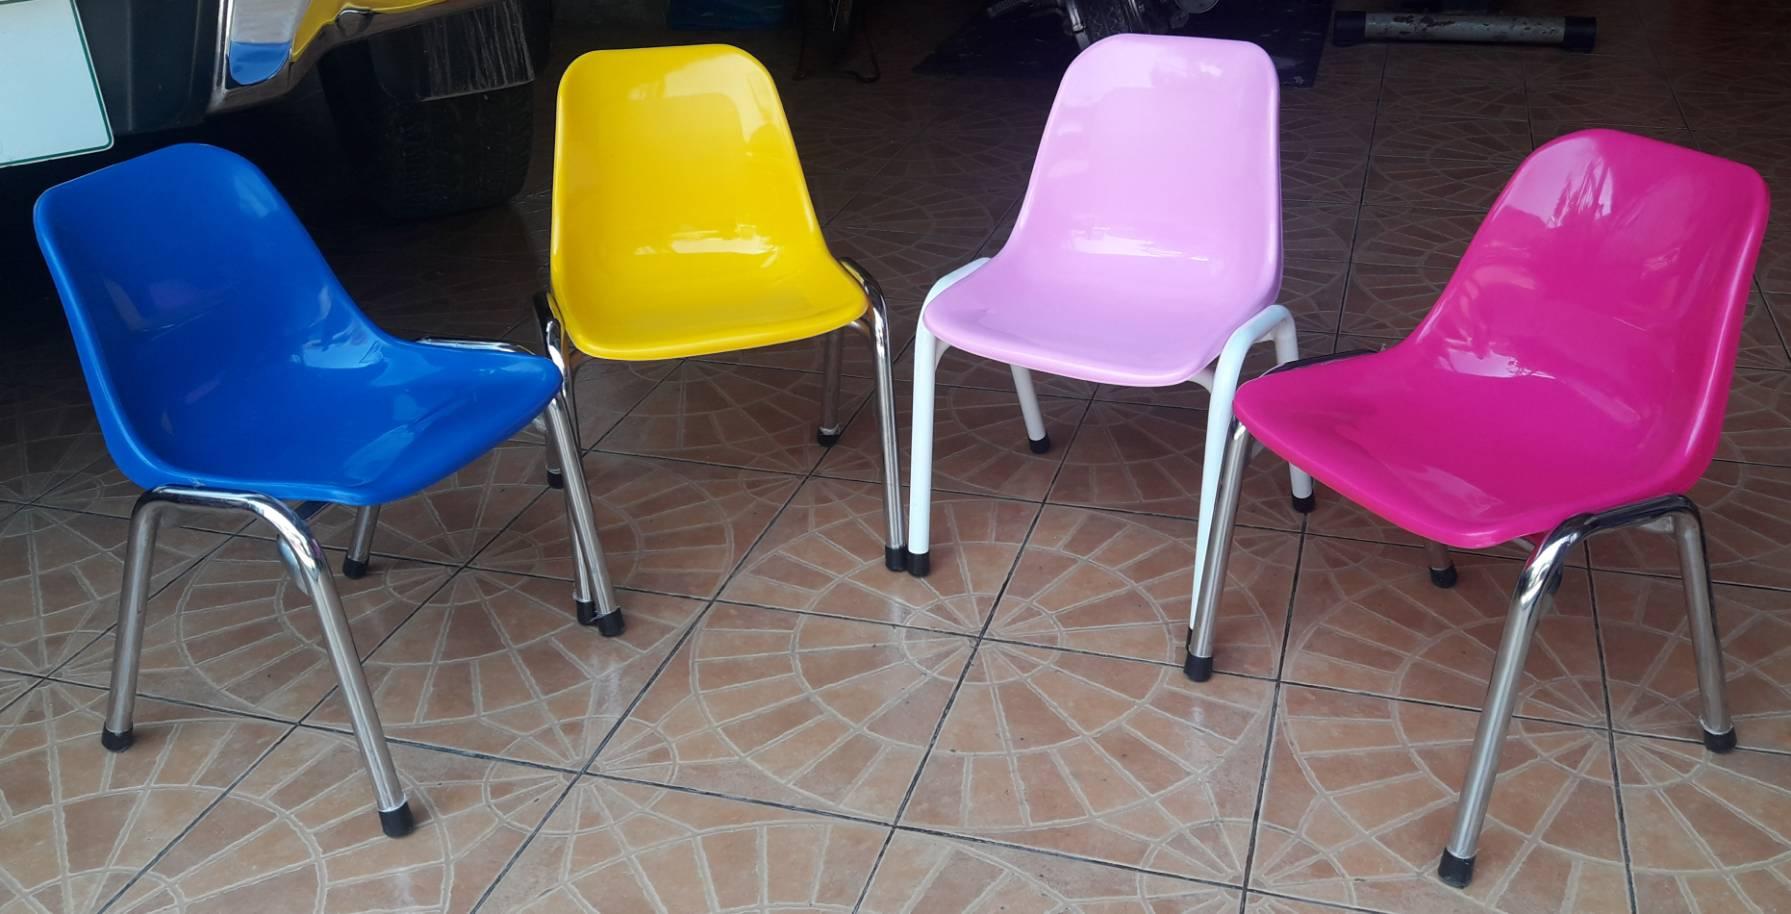 เก้าอี้ โพลีเด็ก